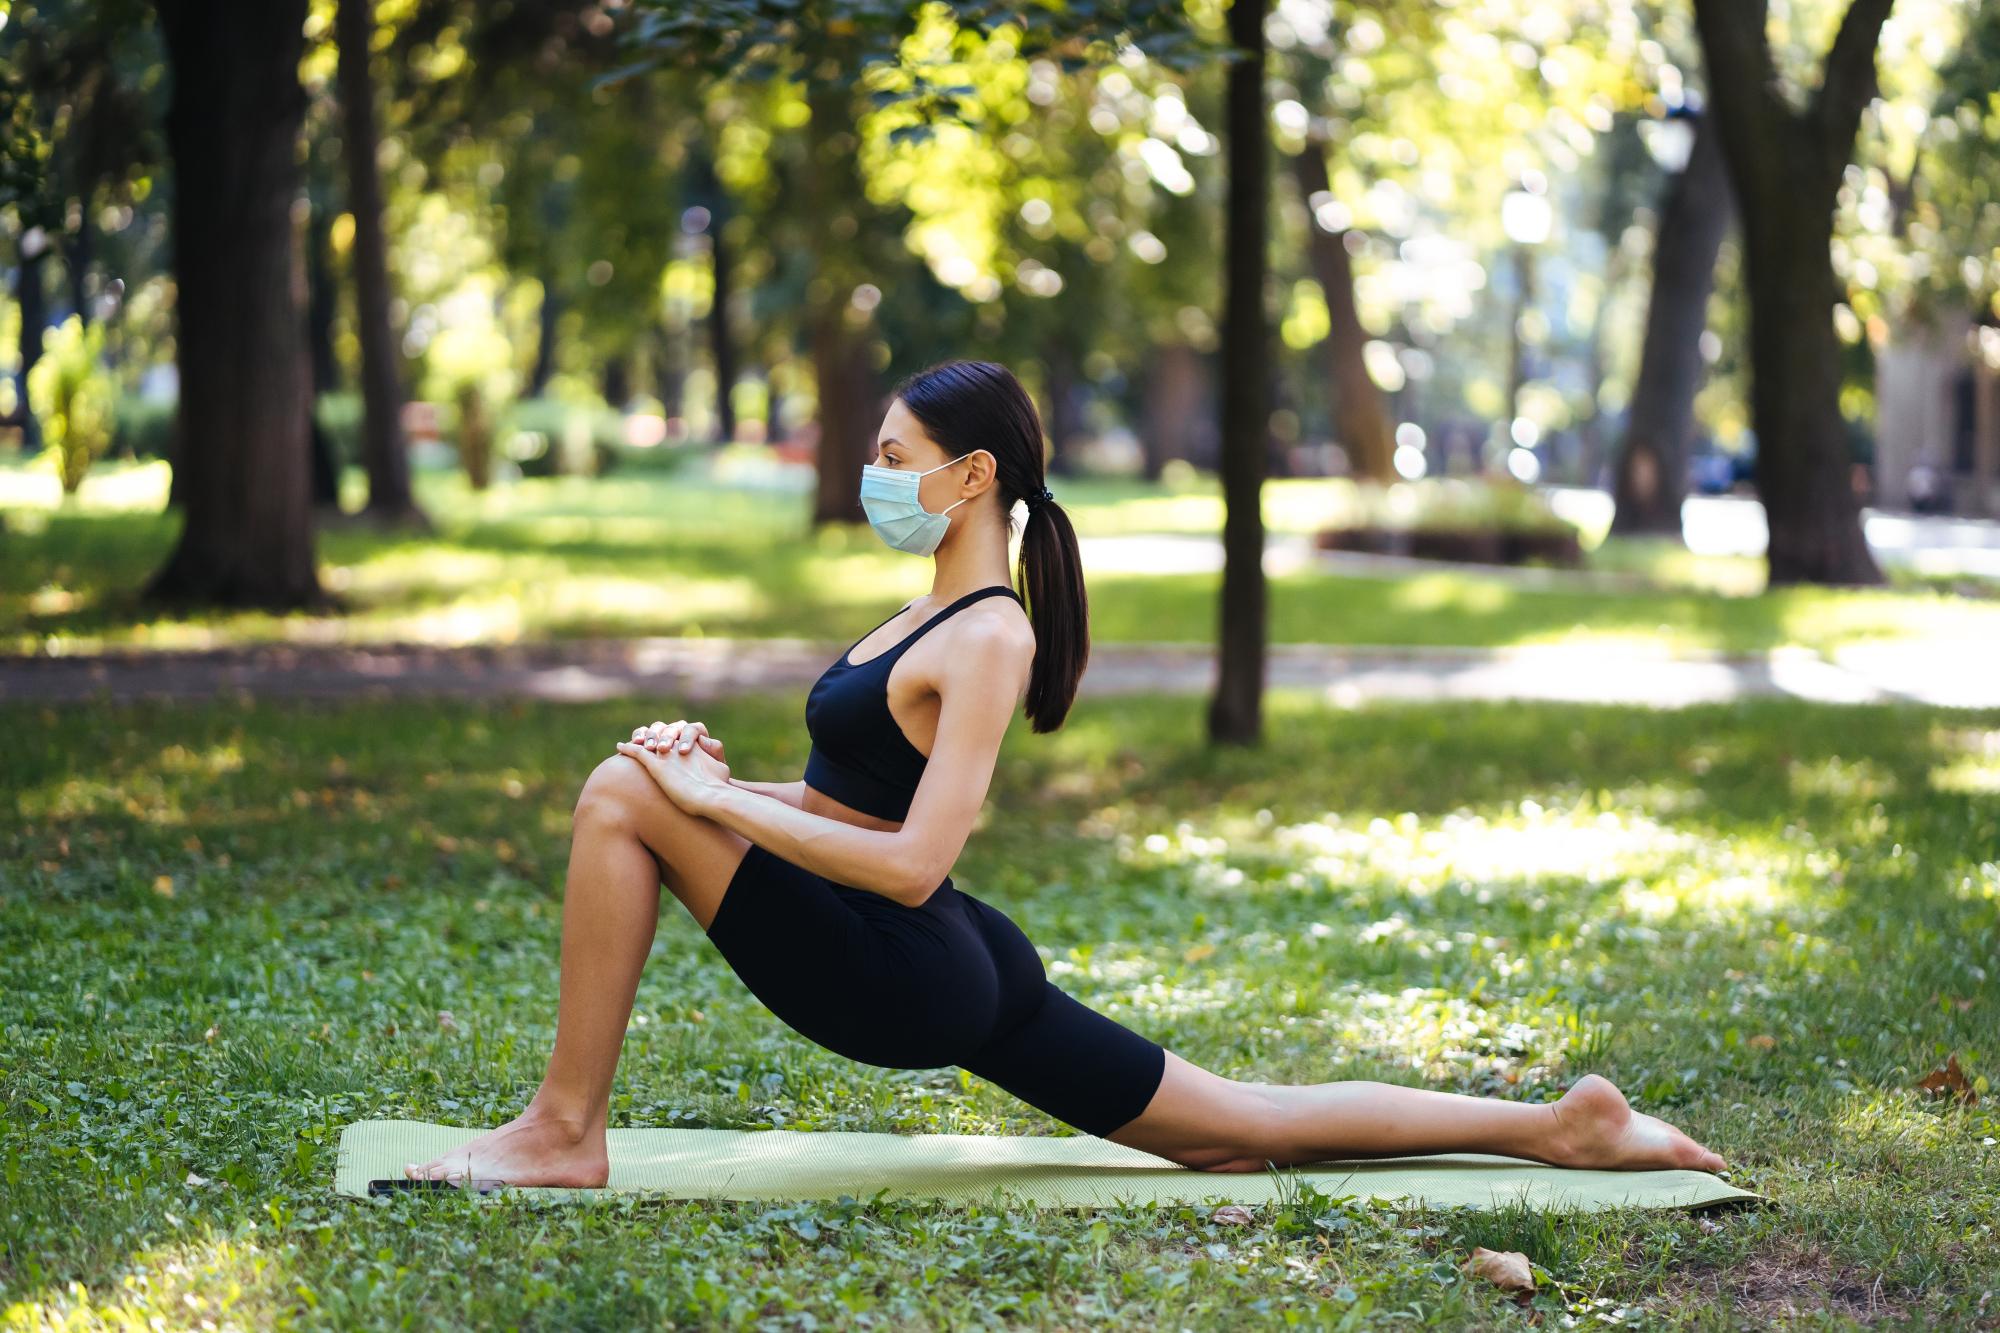 ejercicios con covid